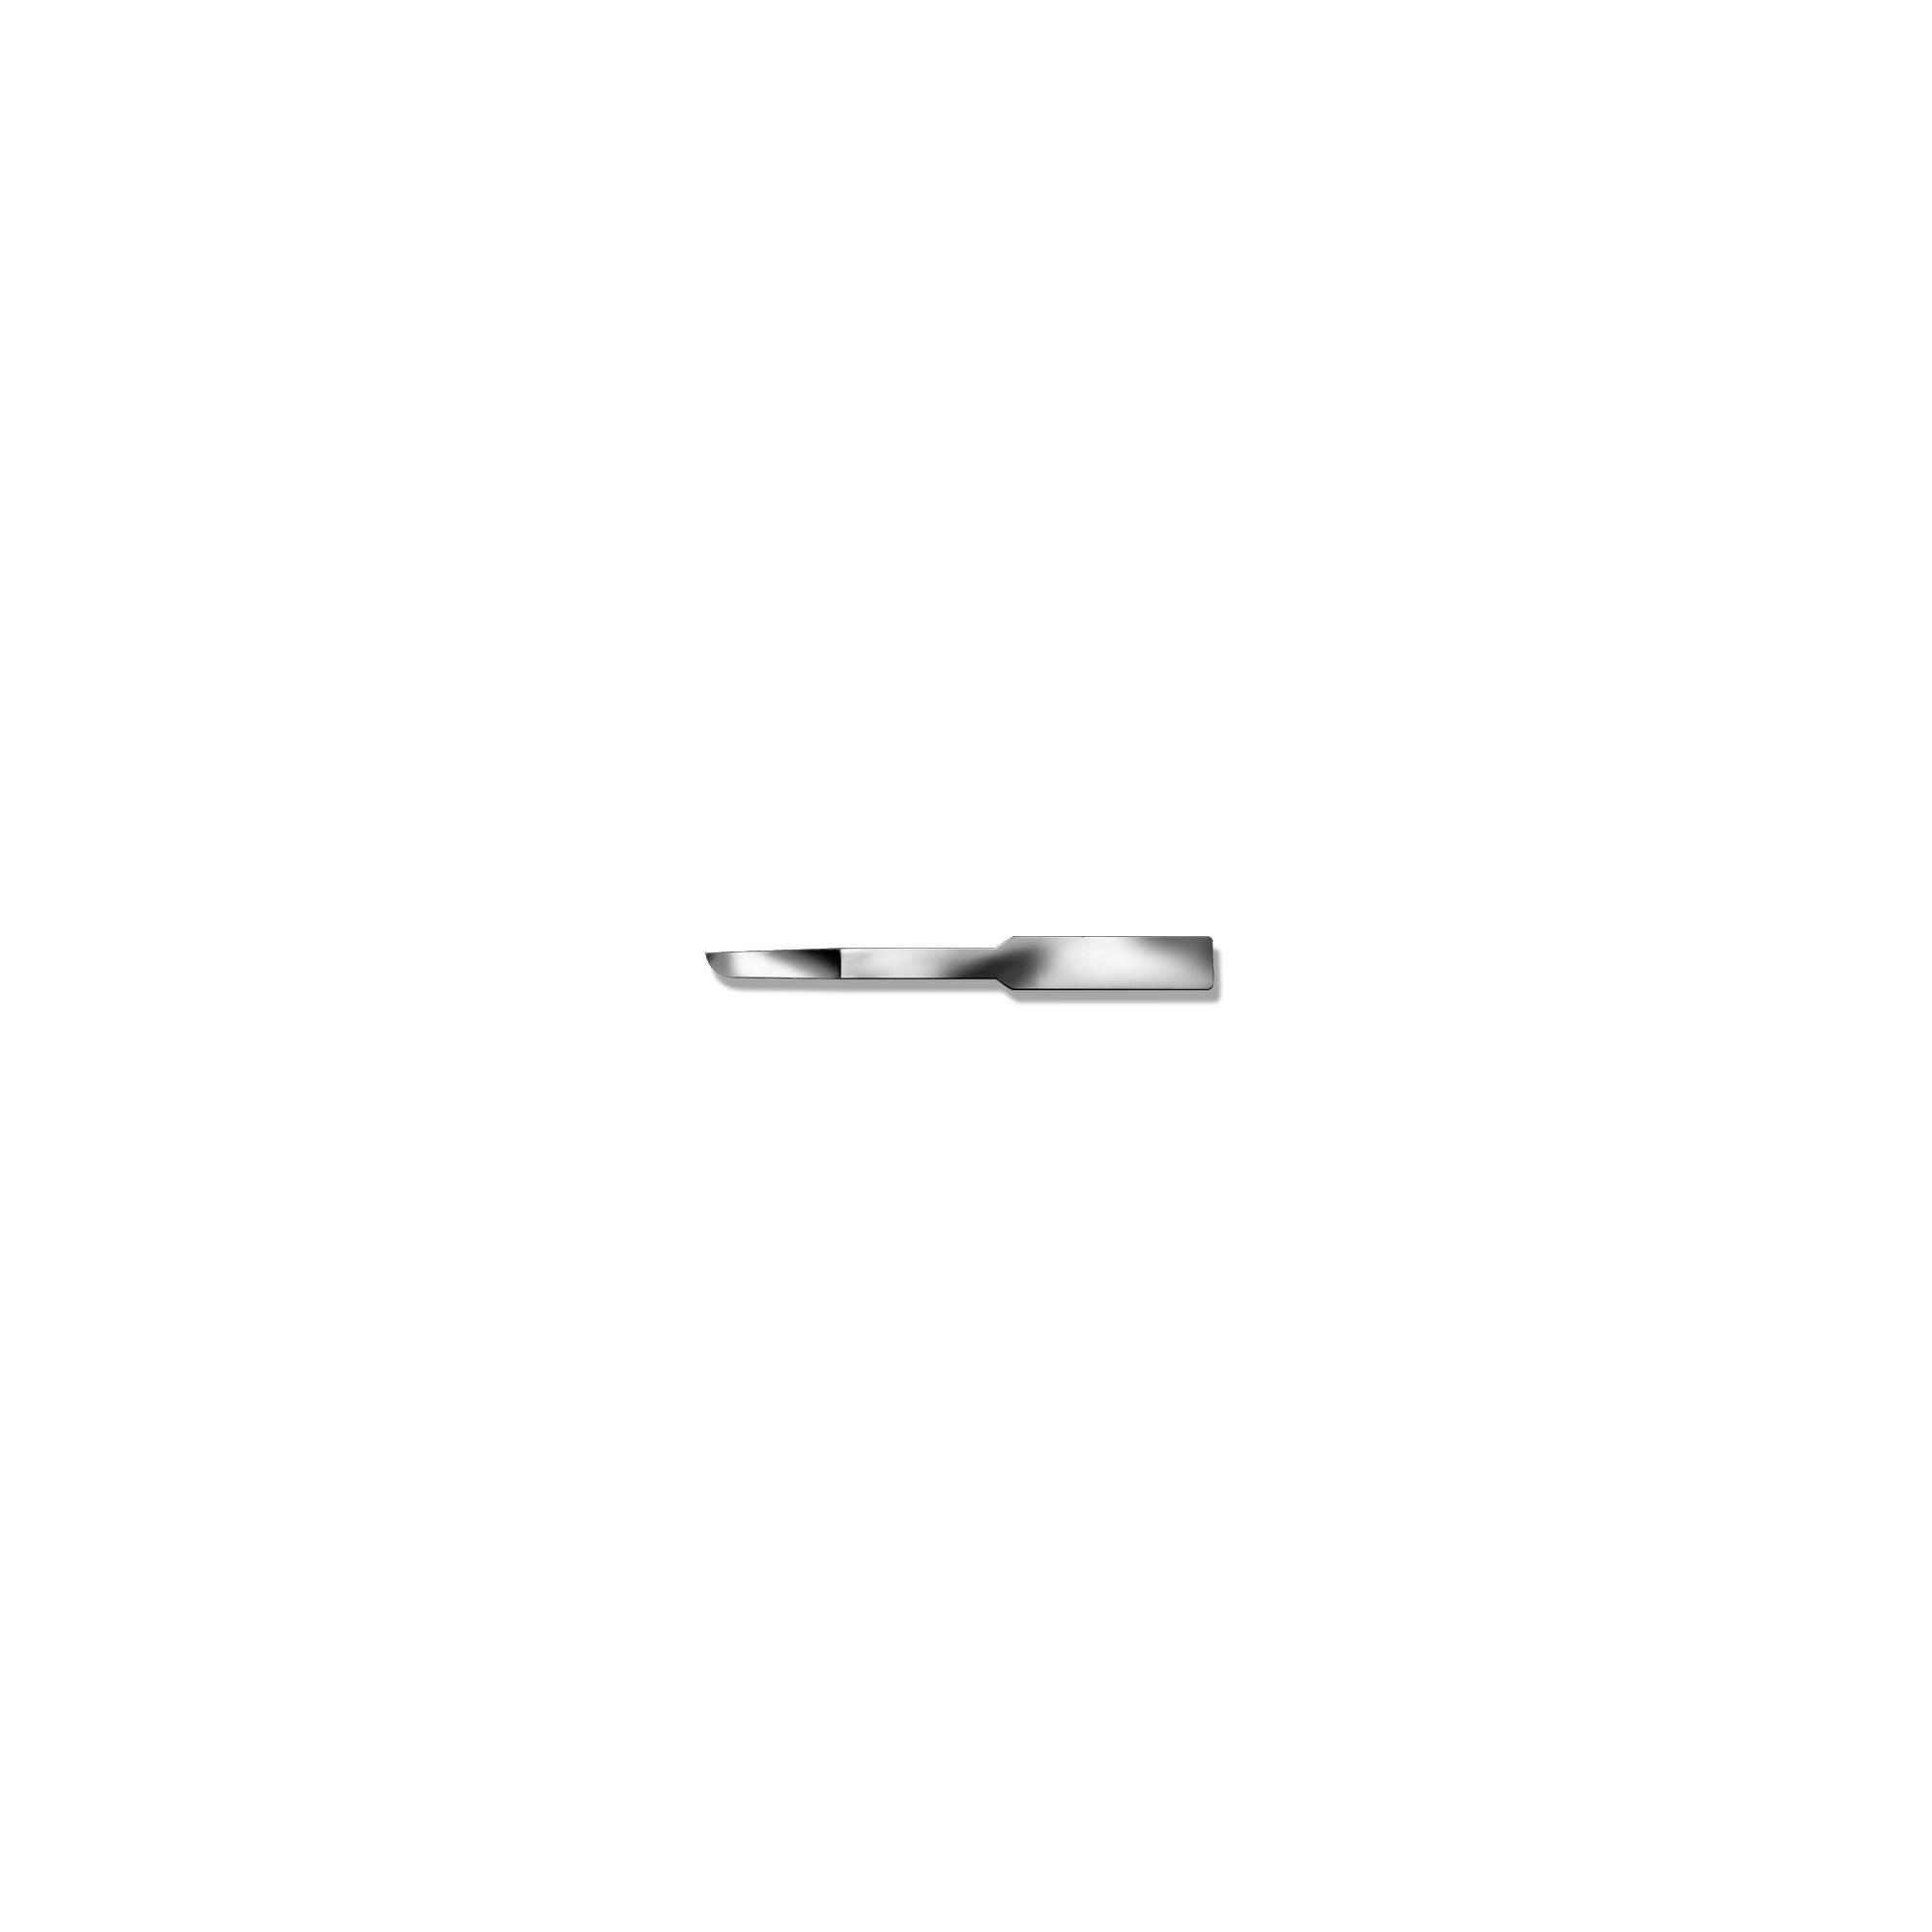 Couteau de remplacement pour séparateur d'ongles - Ruck